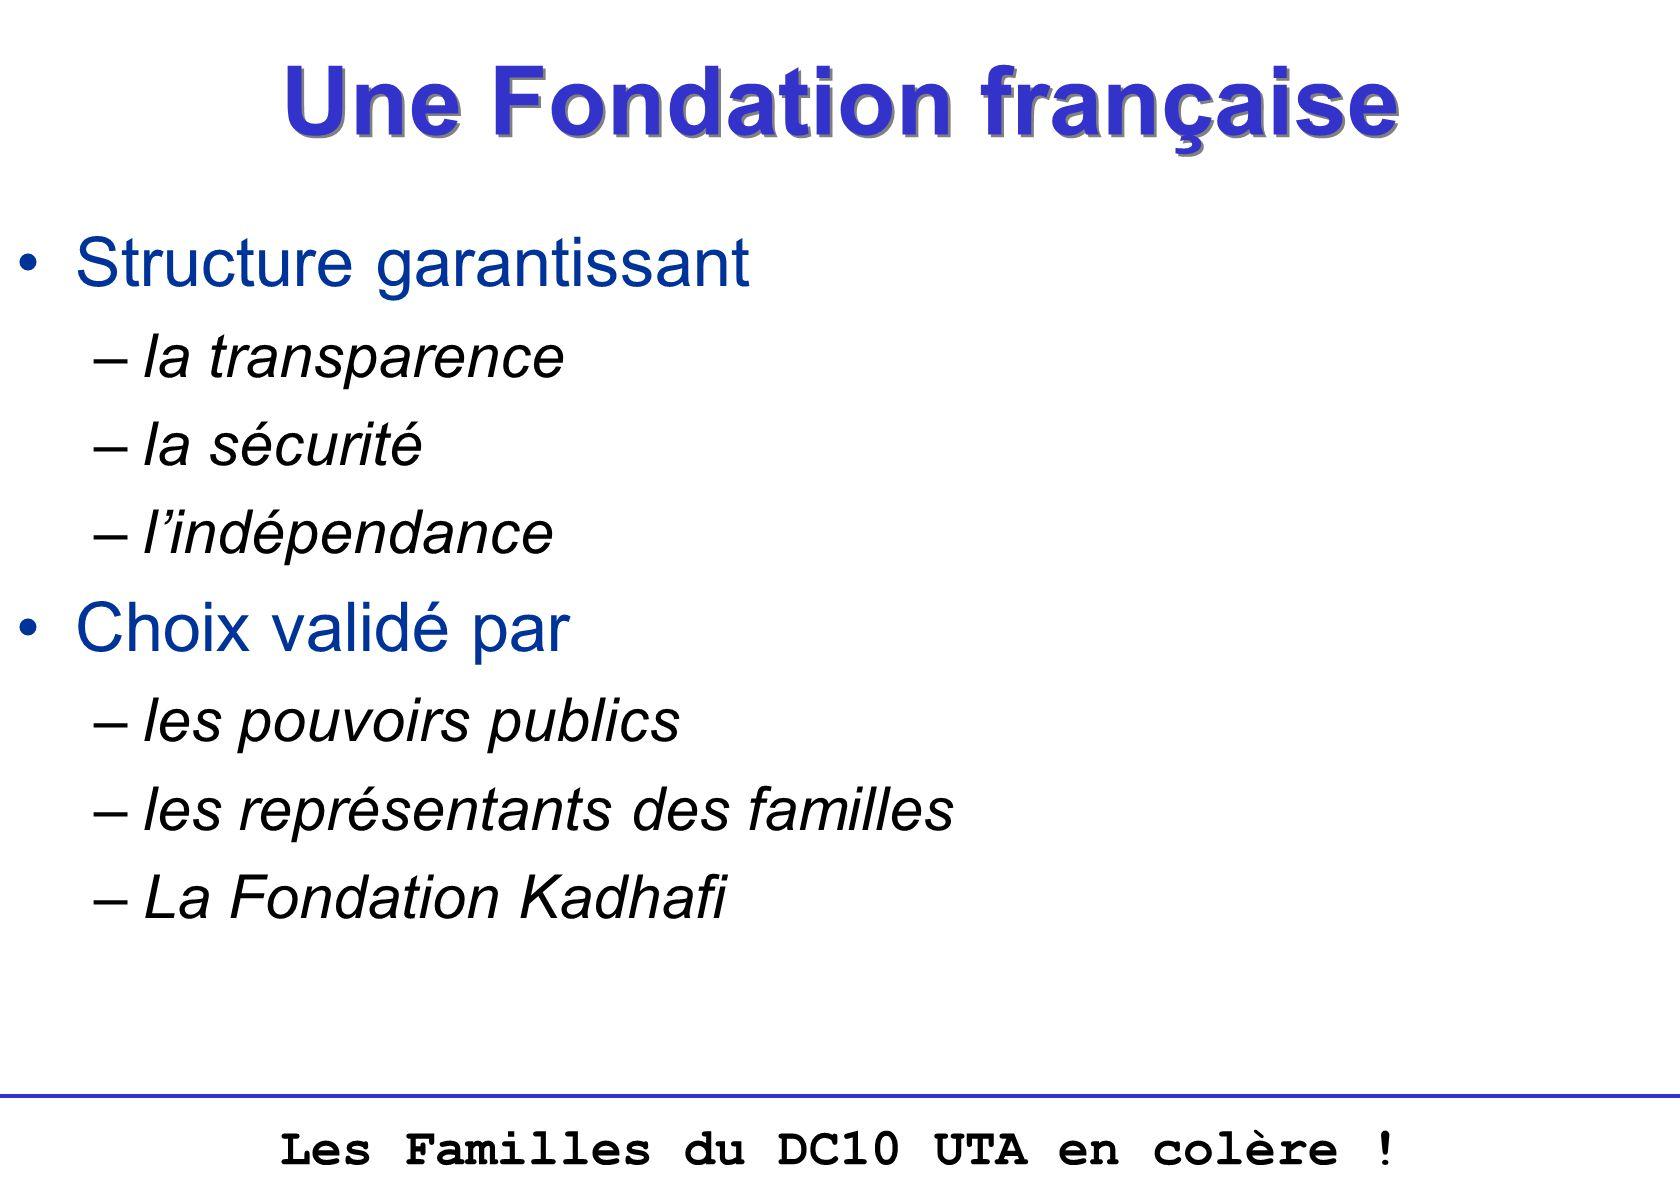 Une Fondation française